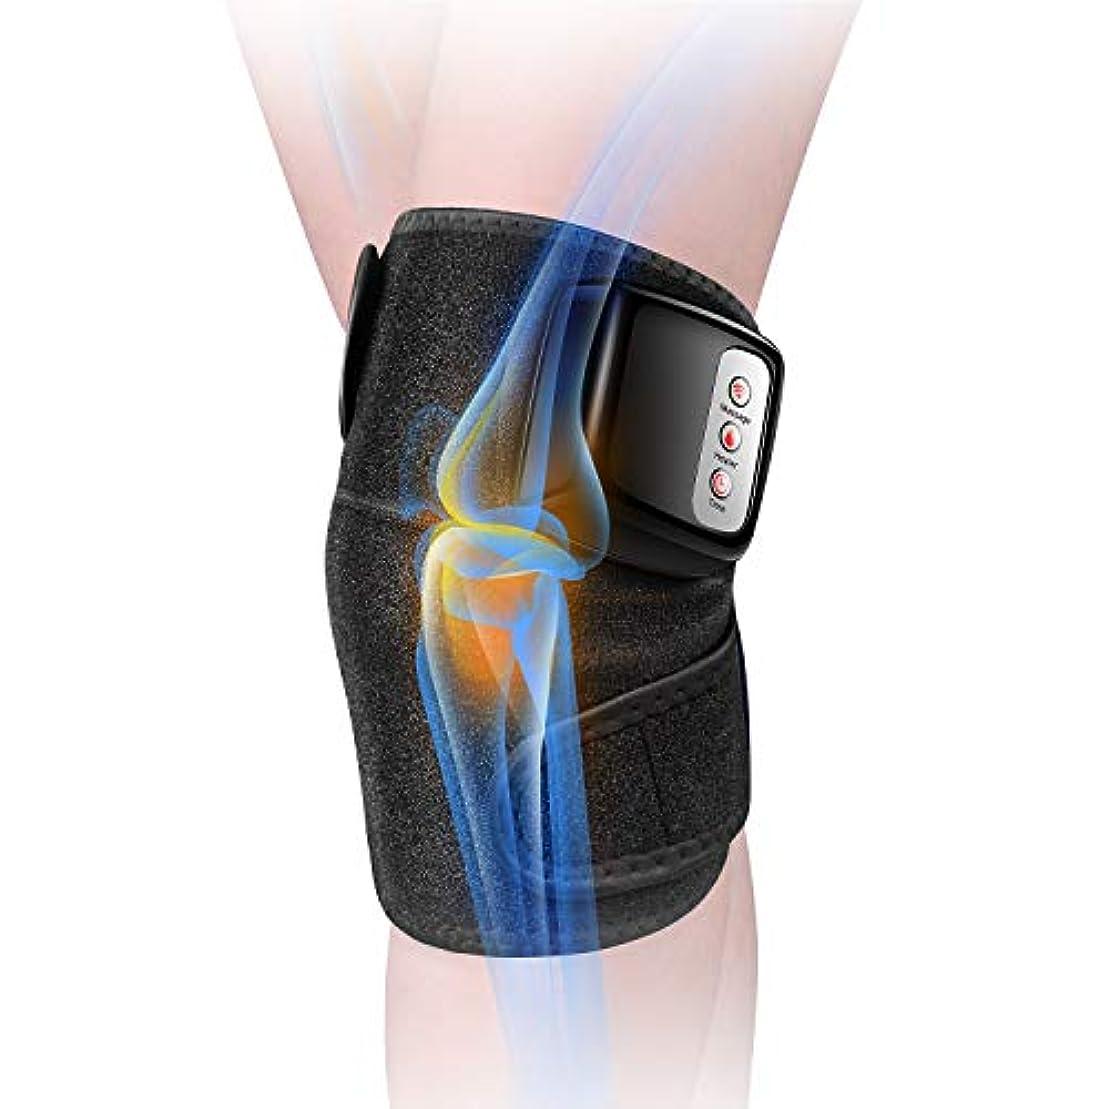 不道徳医療過誤発揮する膝マッサージャー 関節マッサージャー マッサージ器 フットマッサージャー 振動 赤外線療法 温熱療法 膝サポーター ストレス解消 肩 太もも/腕対応